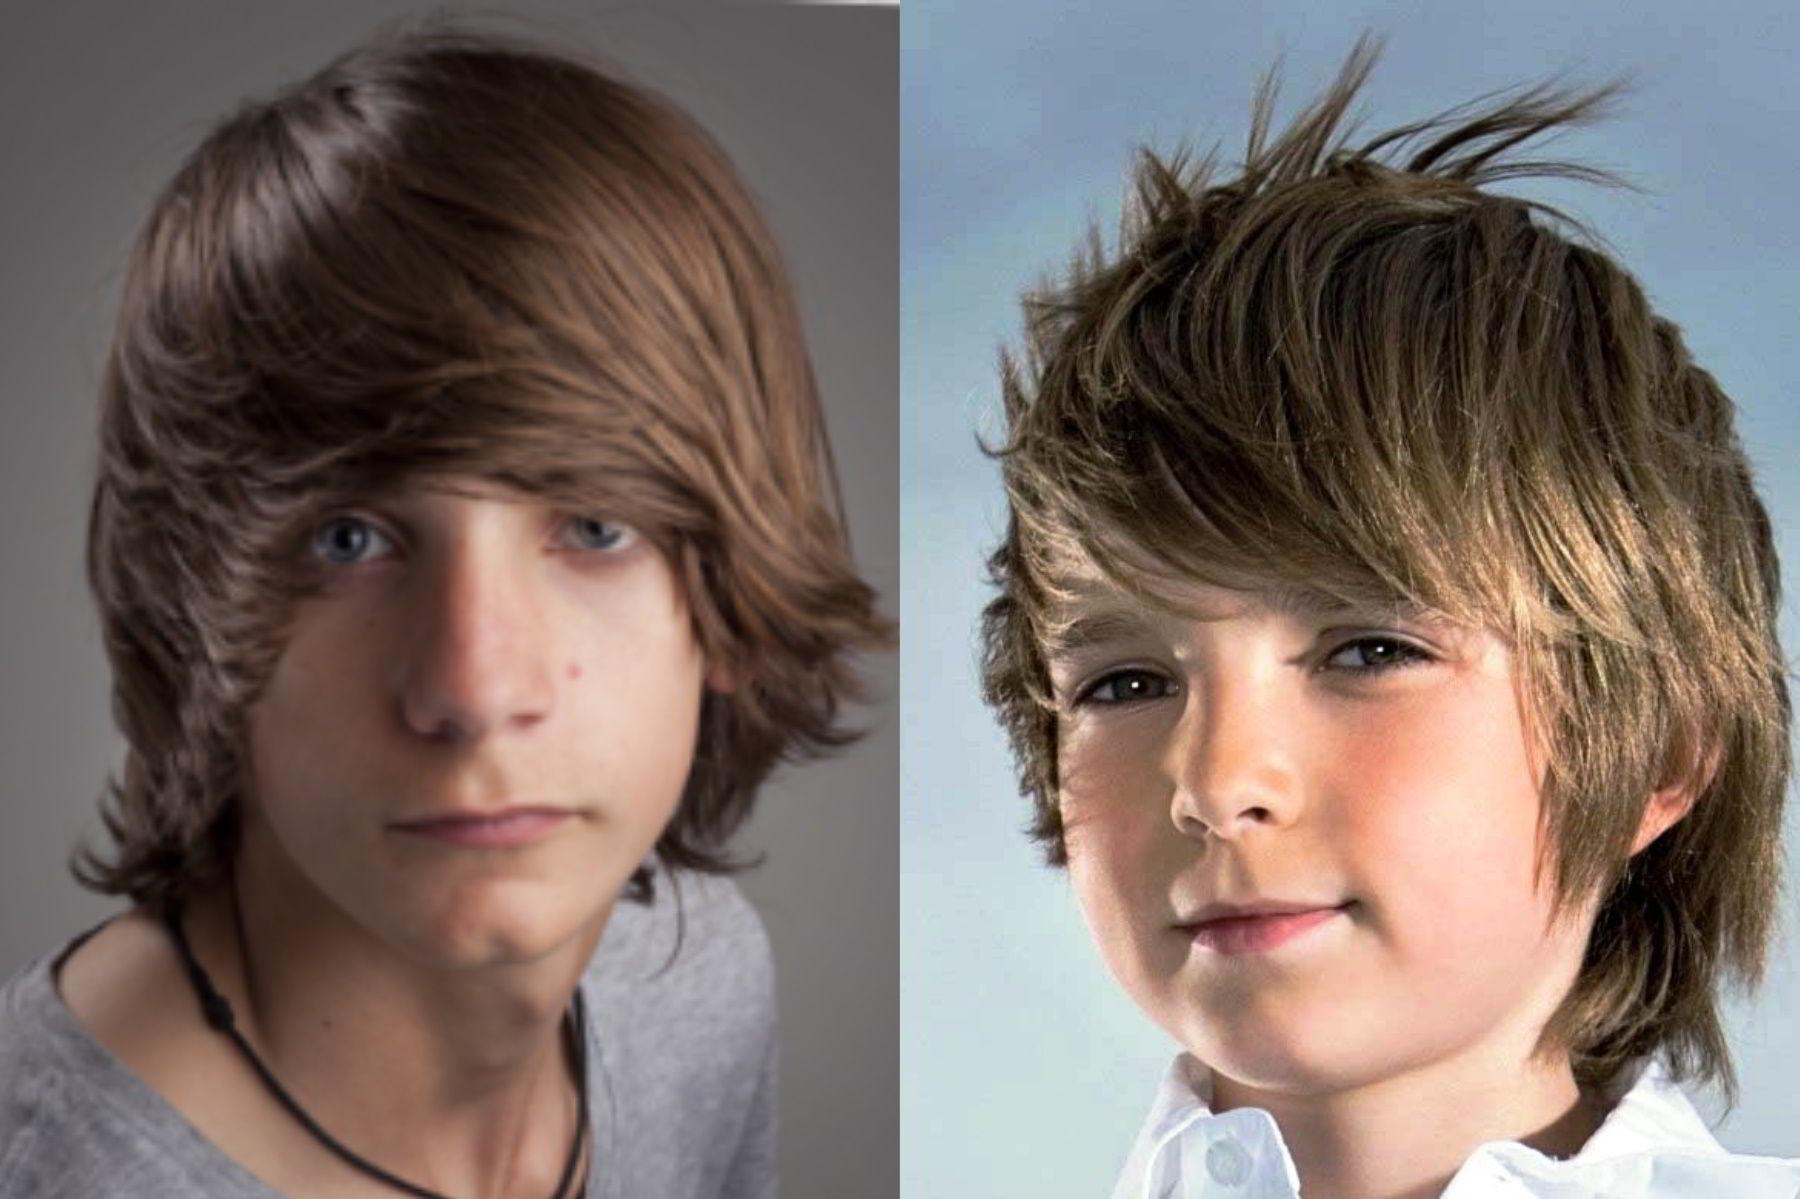 Модная прическа боб для мальчиков 10-11 лет 2020